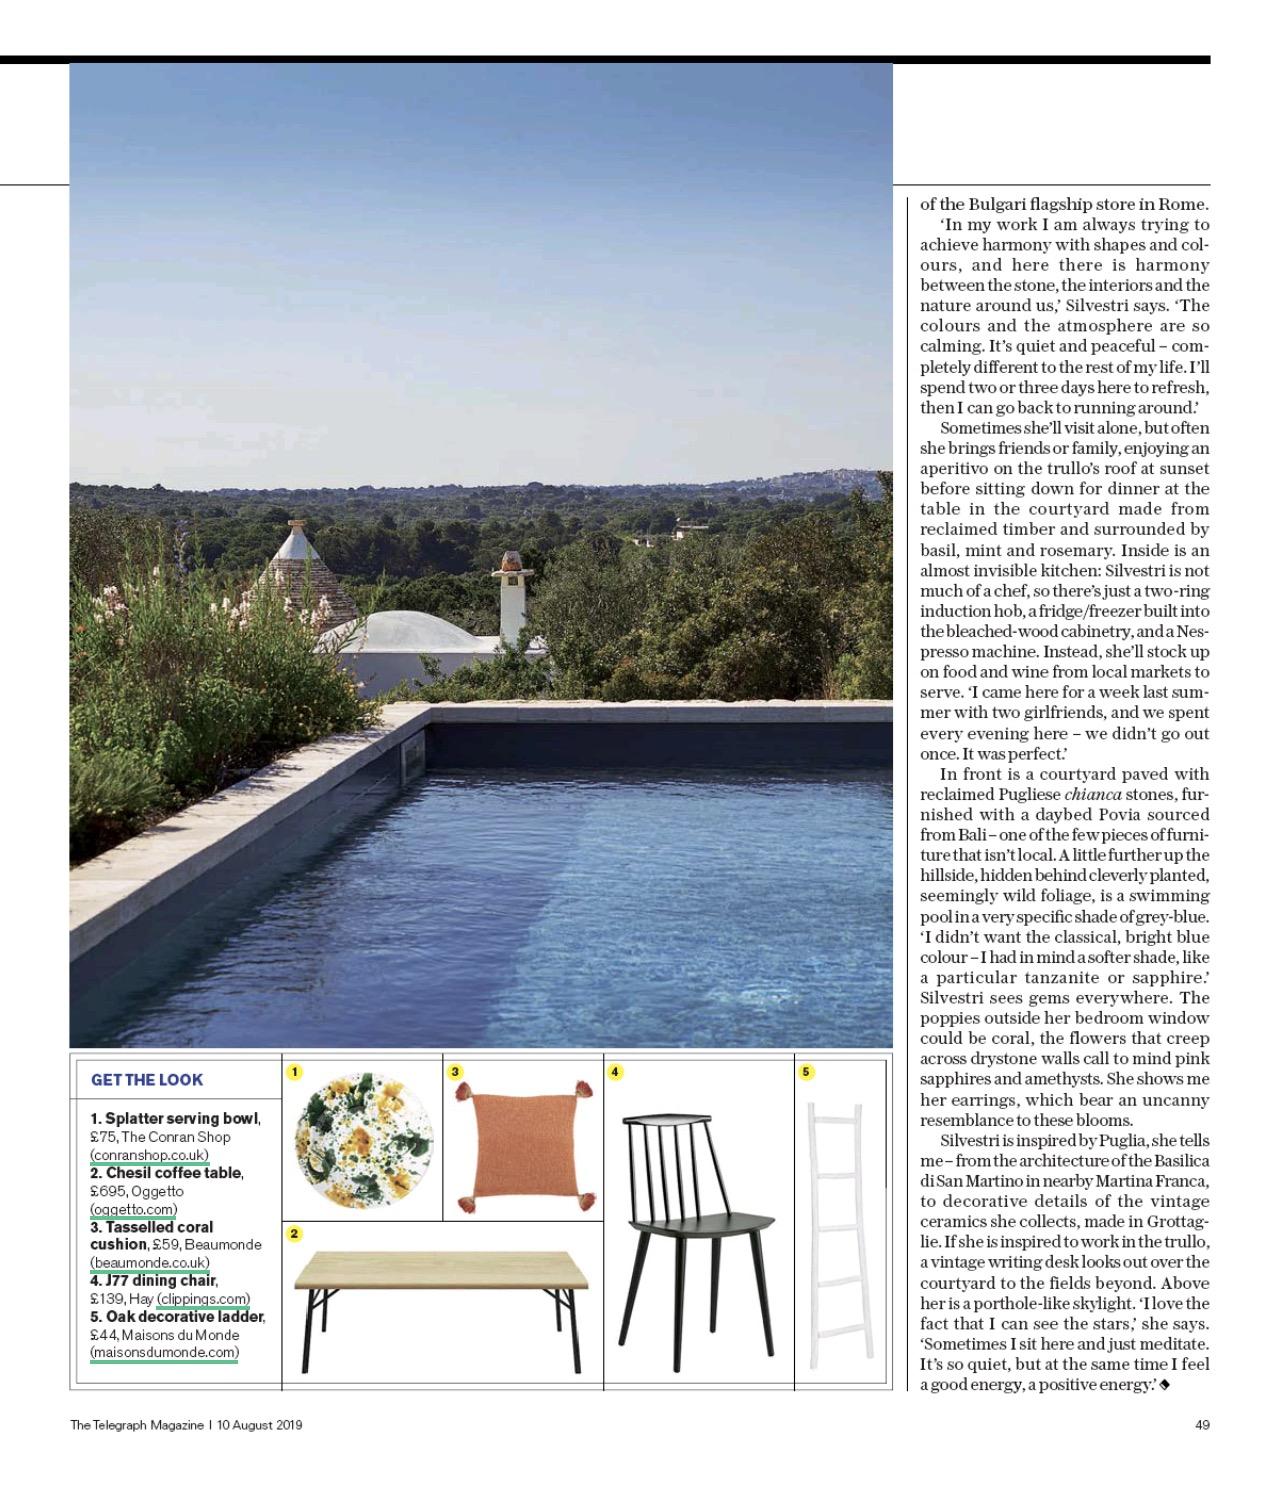 The Telegraph Magazine 10-08-2019 Oggetto.jpg